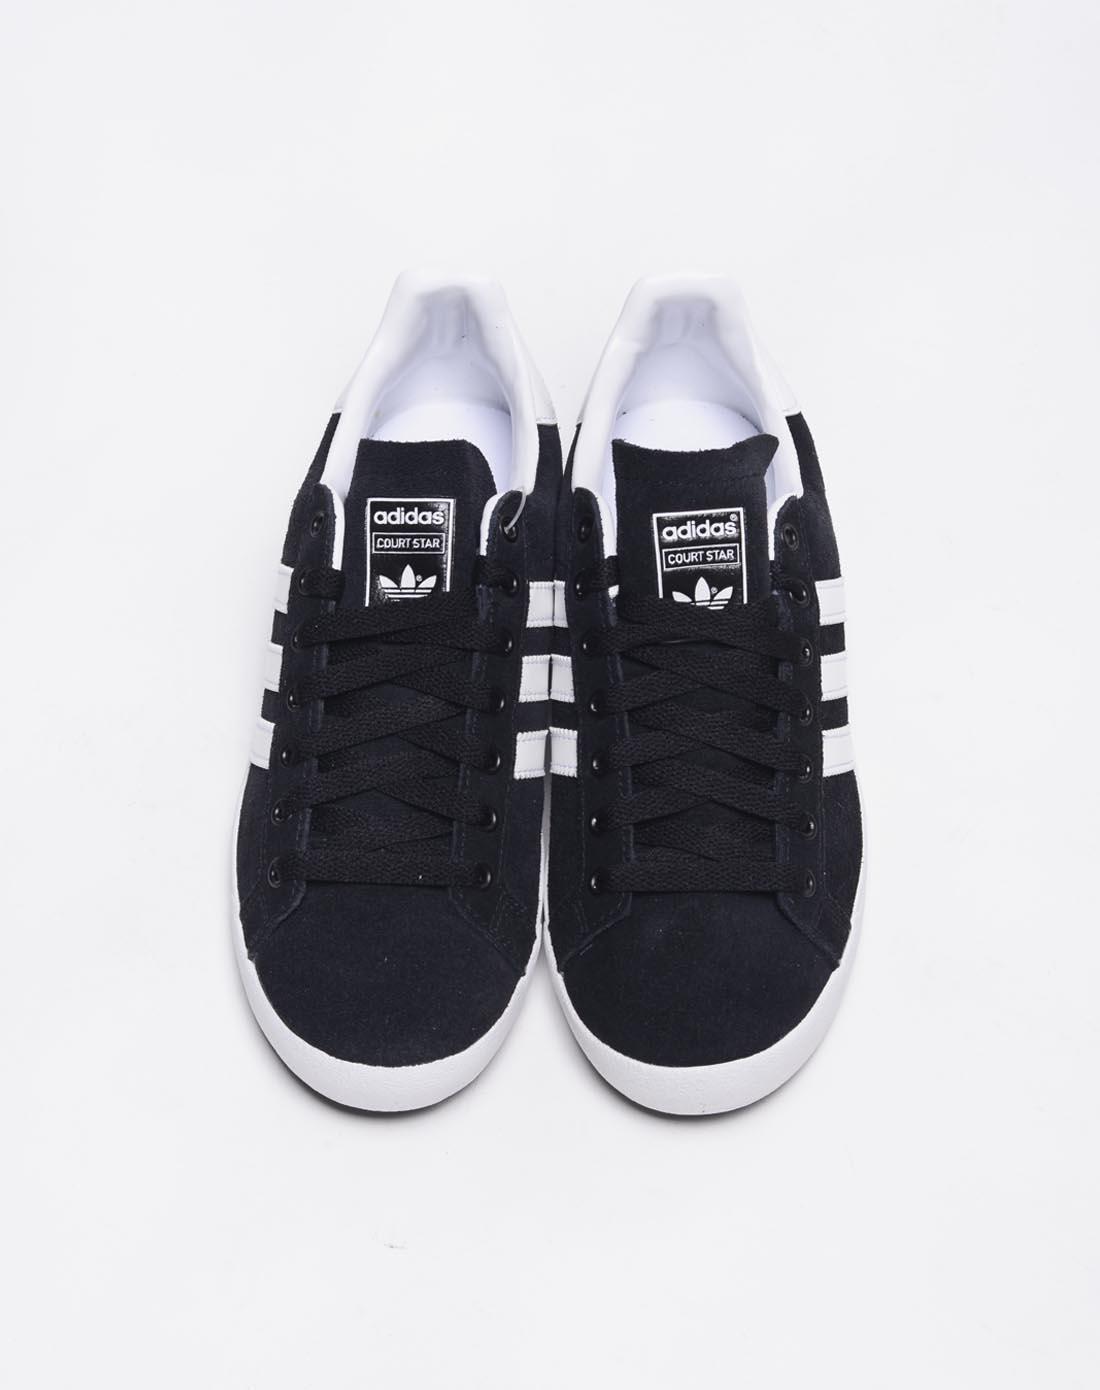 阿迪达斯adidas男鞋专场-男子黑色复古鞋